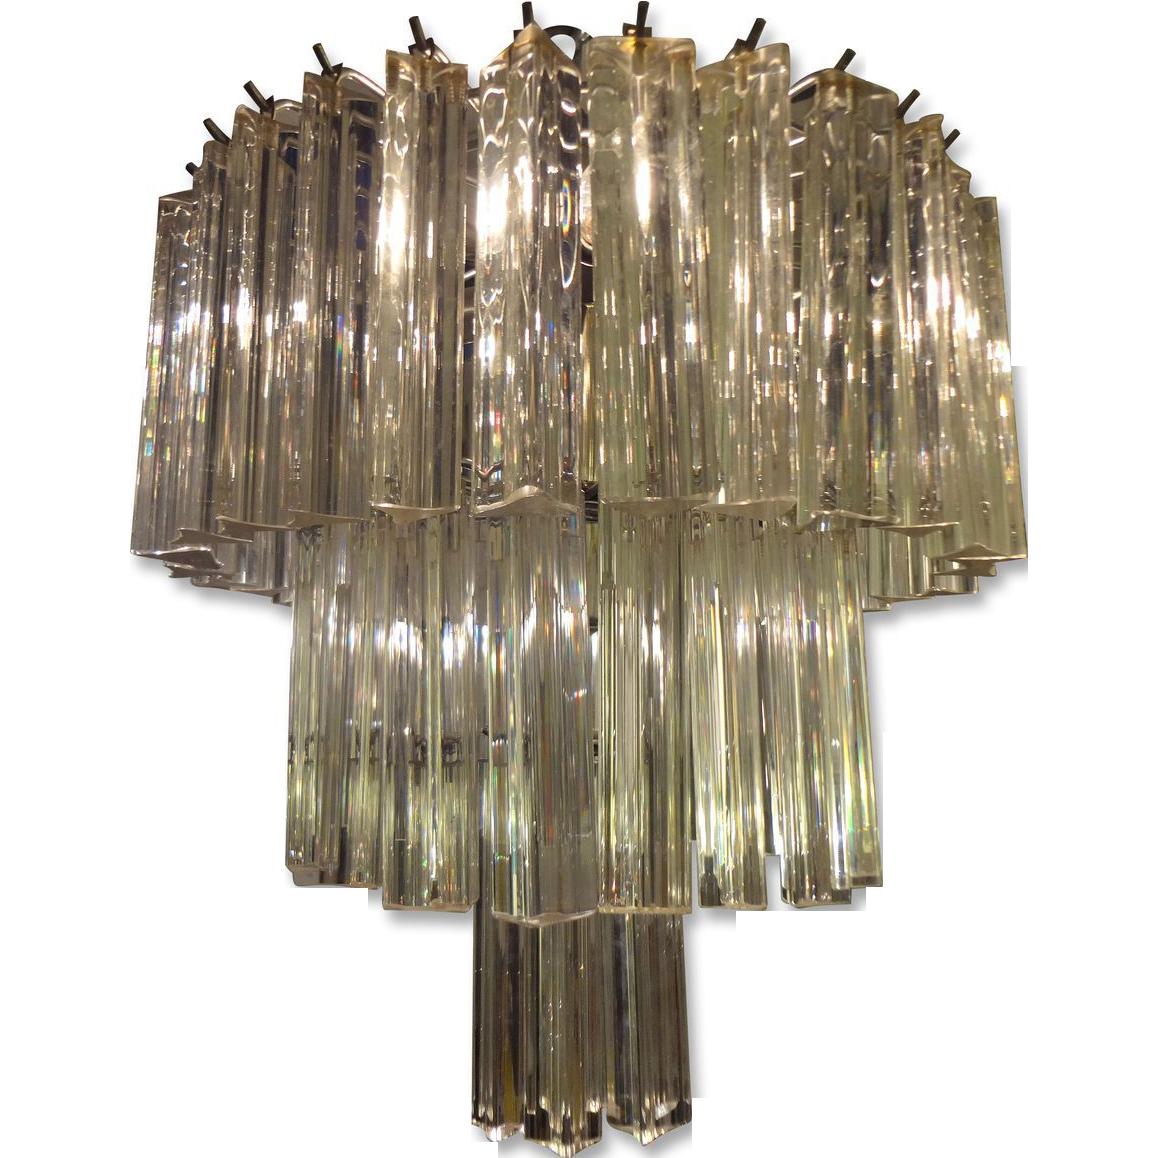 1970's Venini three tier crystal chandelier